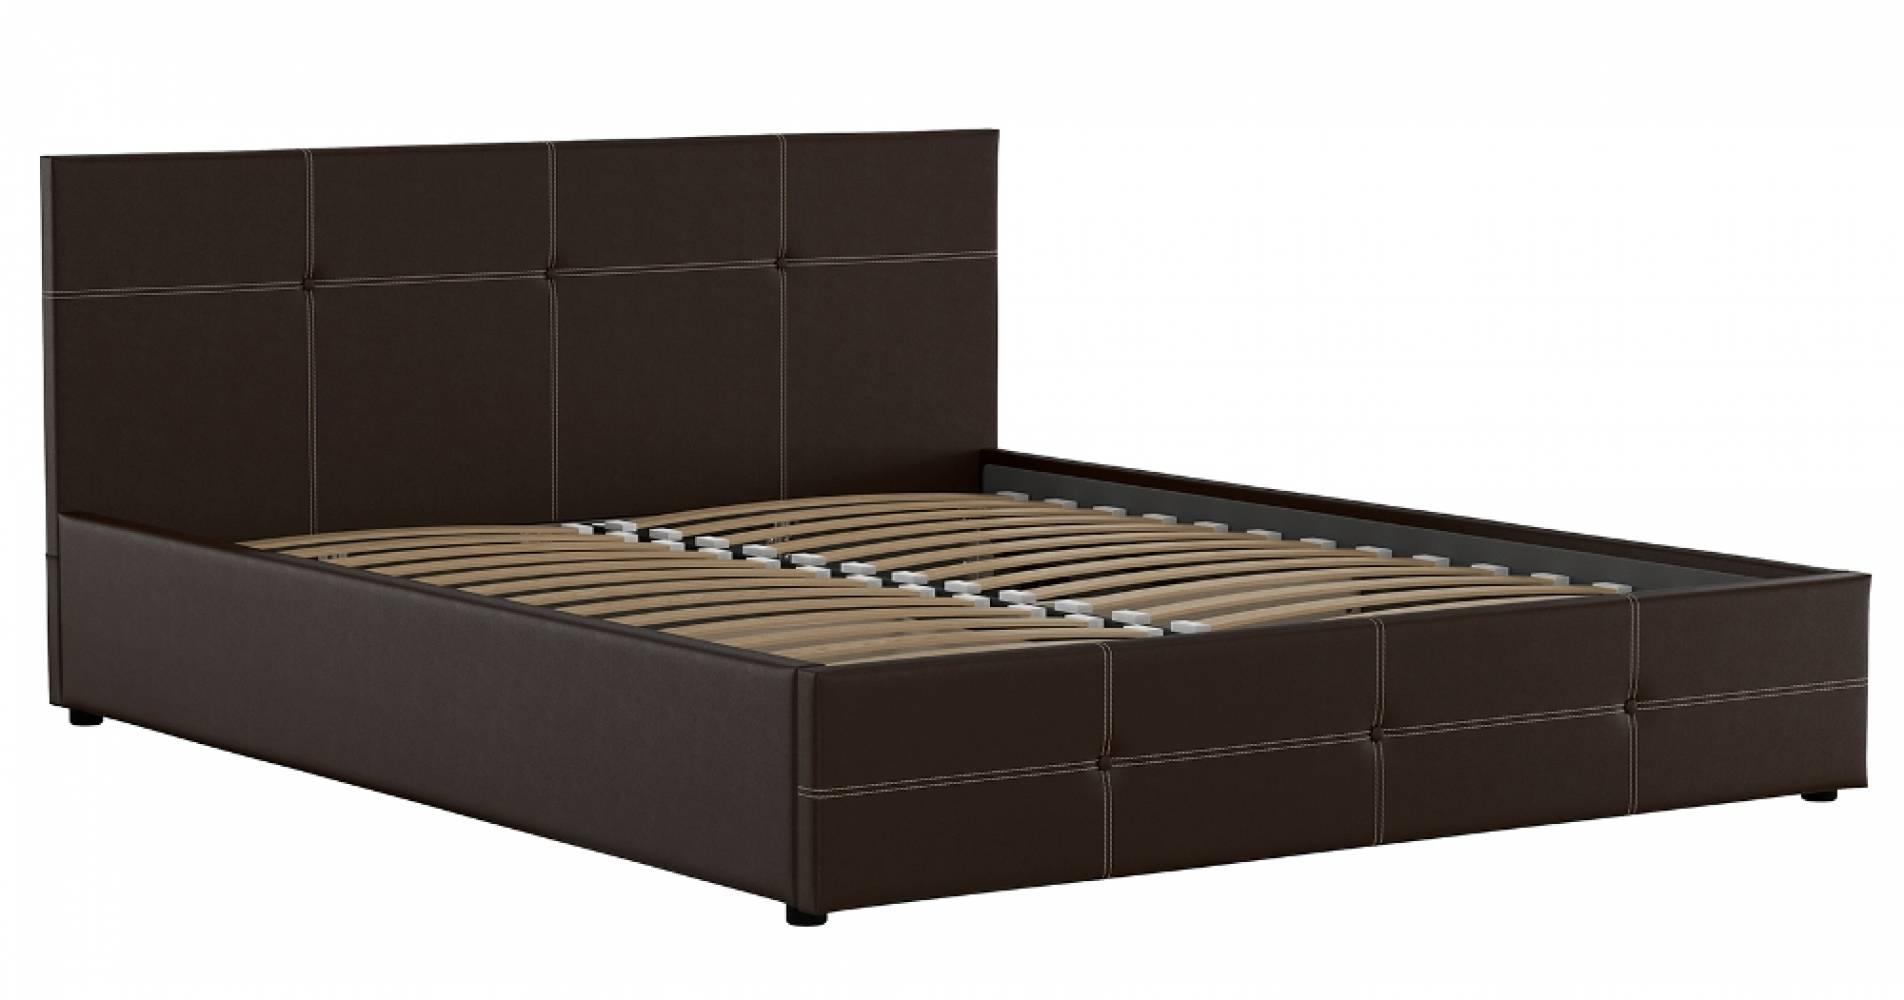 Ортопедическое основание для кровати 1600 СИНДИ (шоколад)